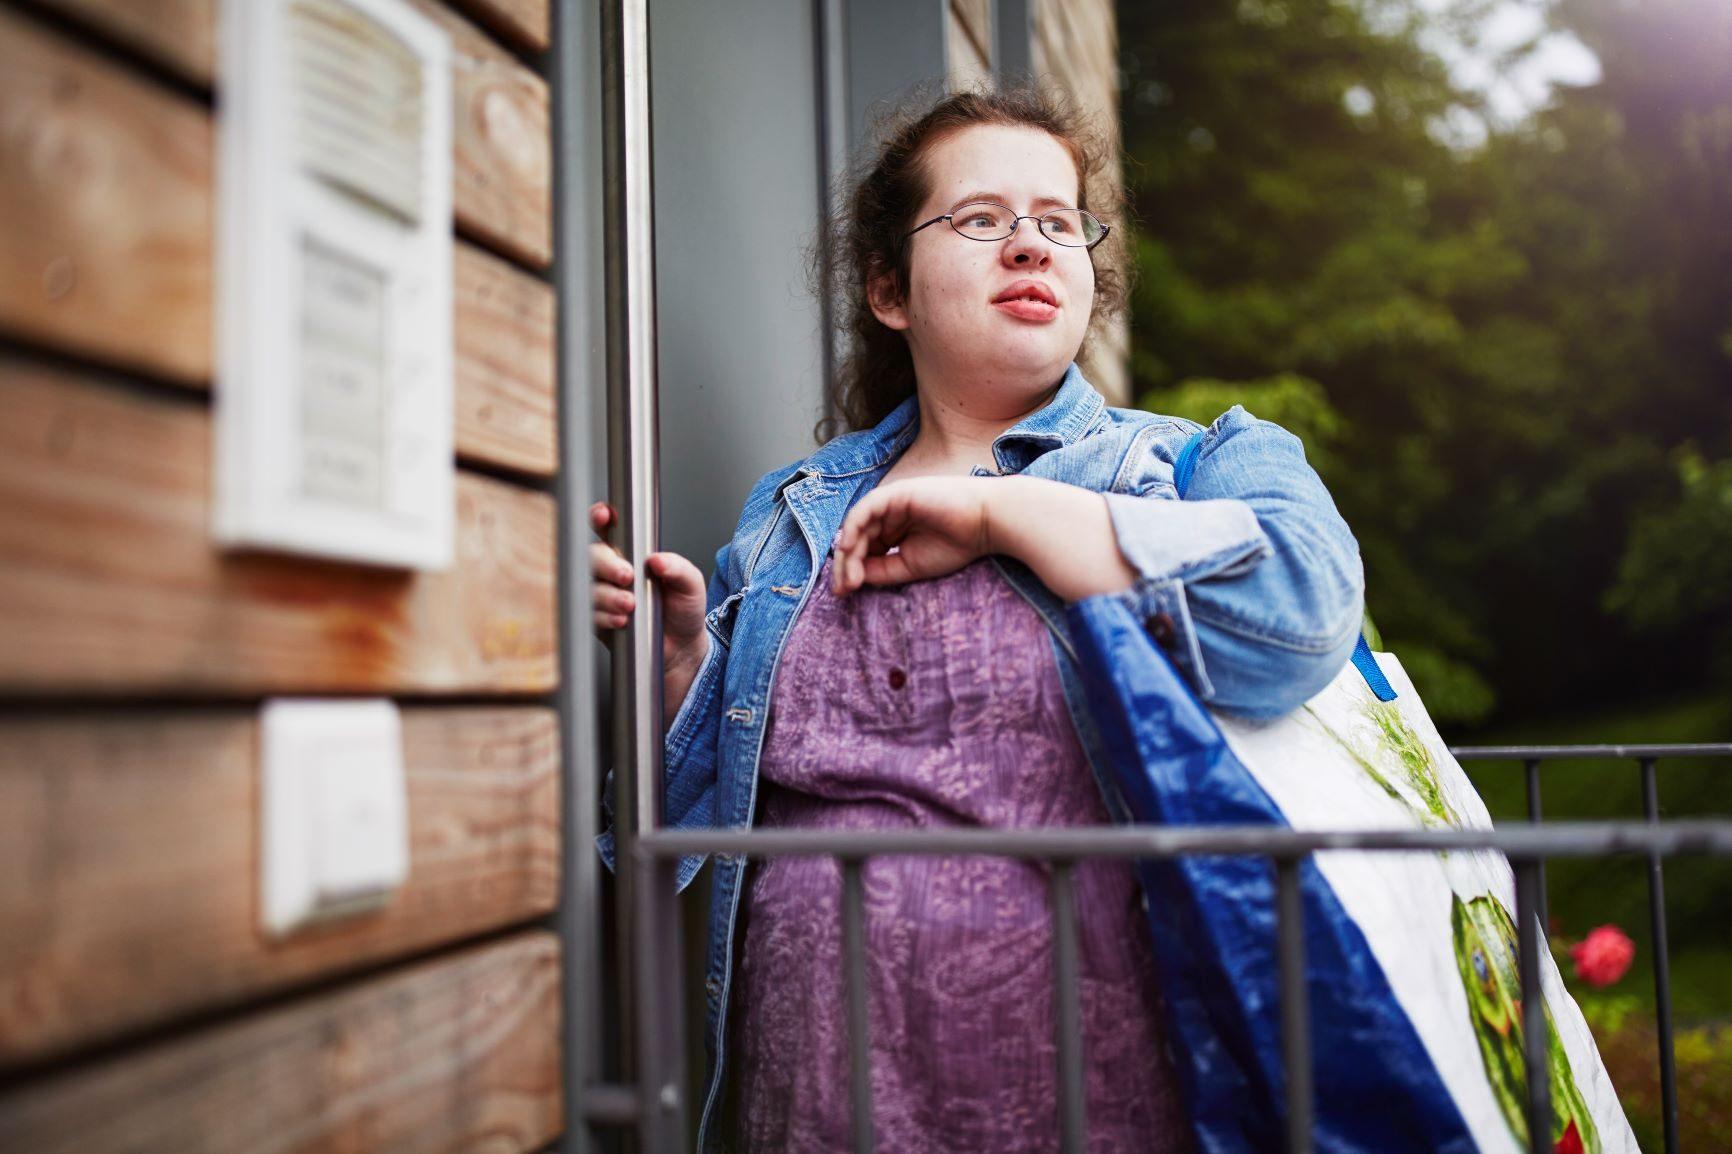 Foto: Junge Frau mit Einkaufstasche über der Schulter steht vor Wohnungstür